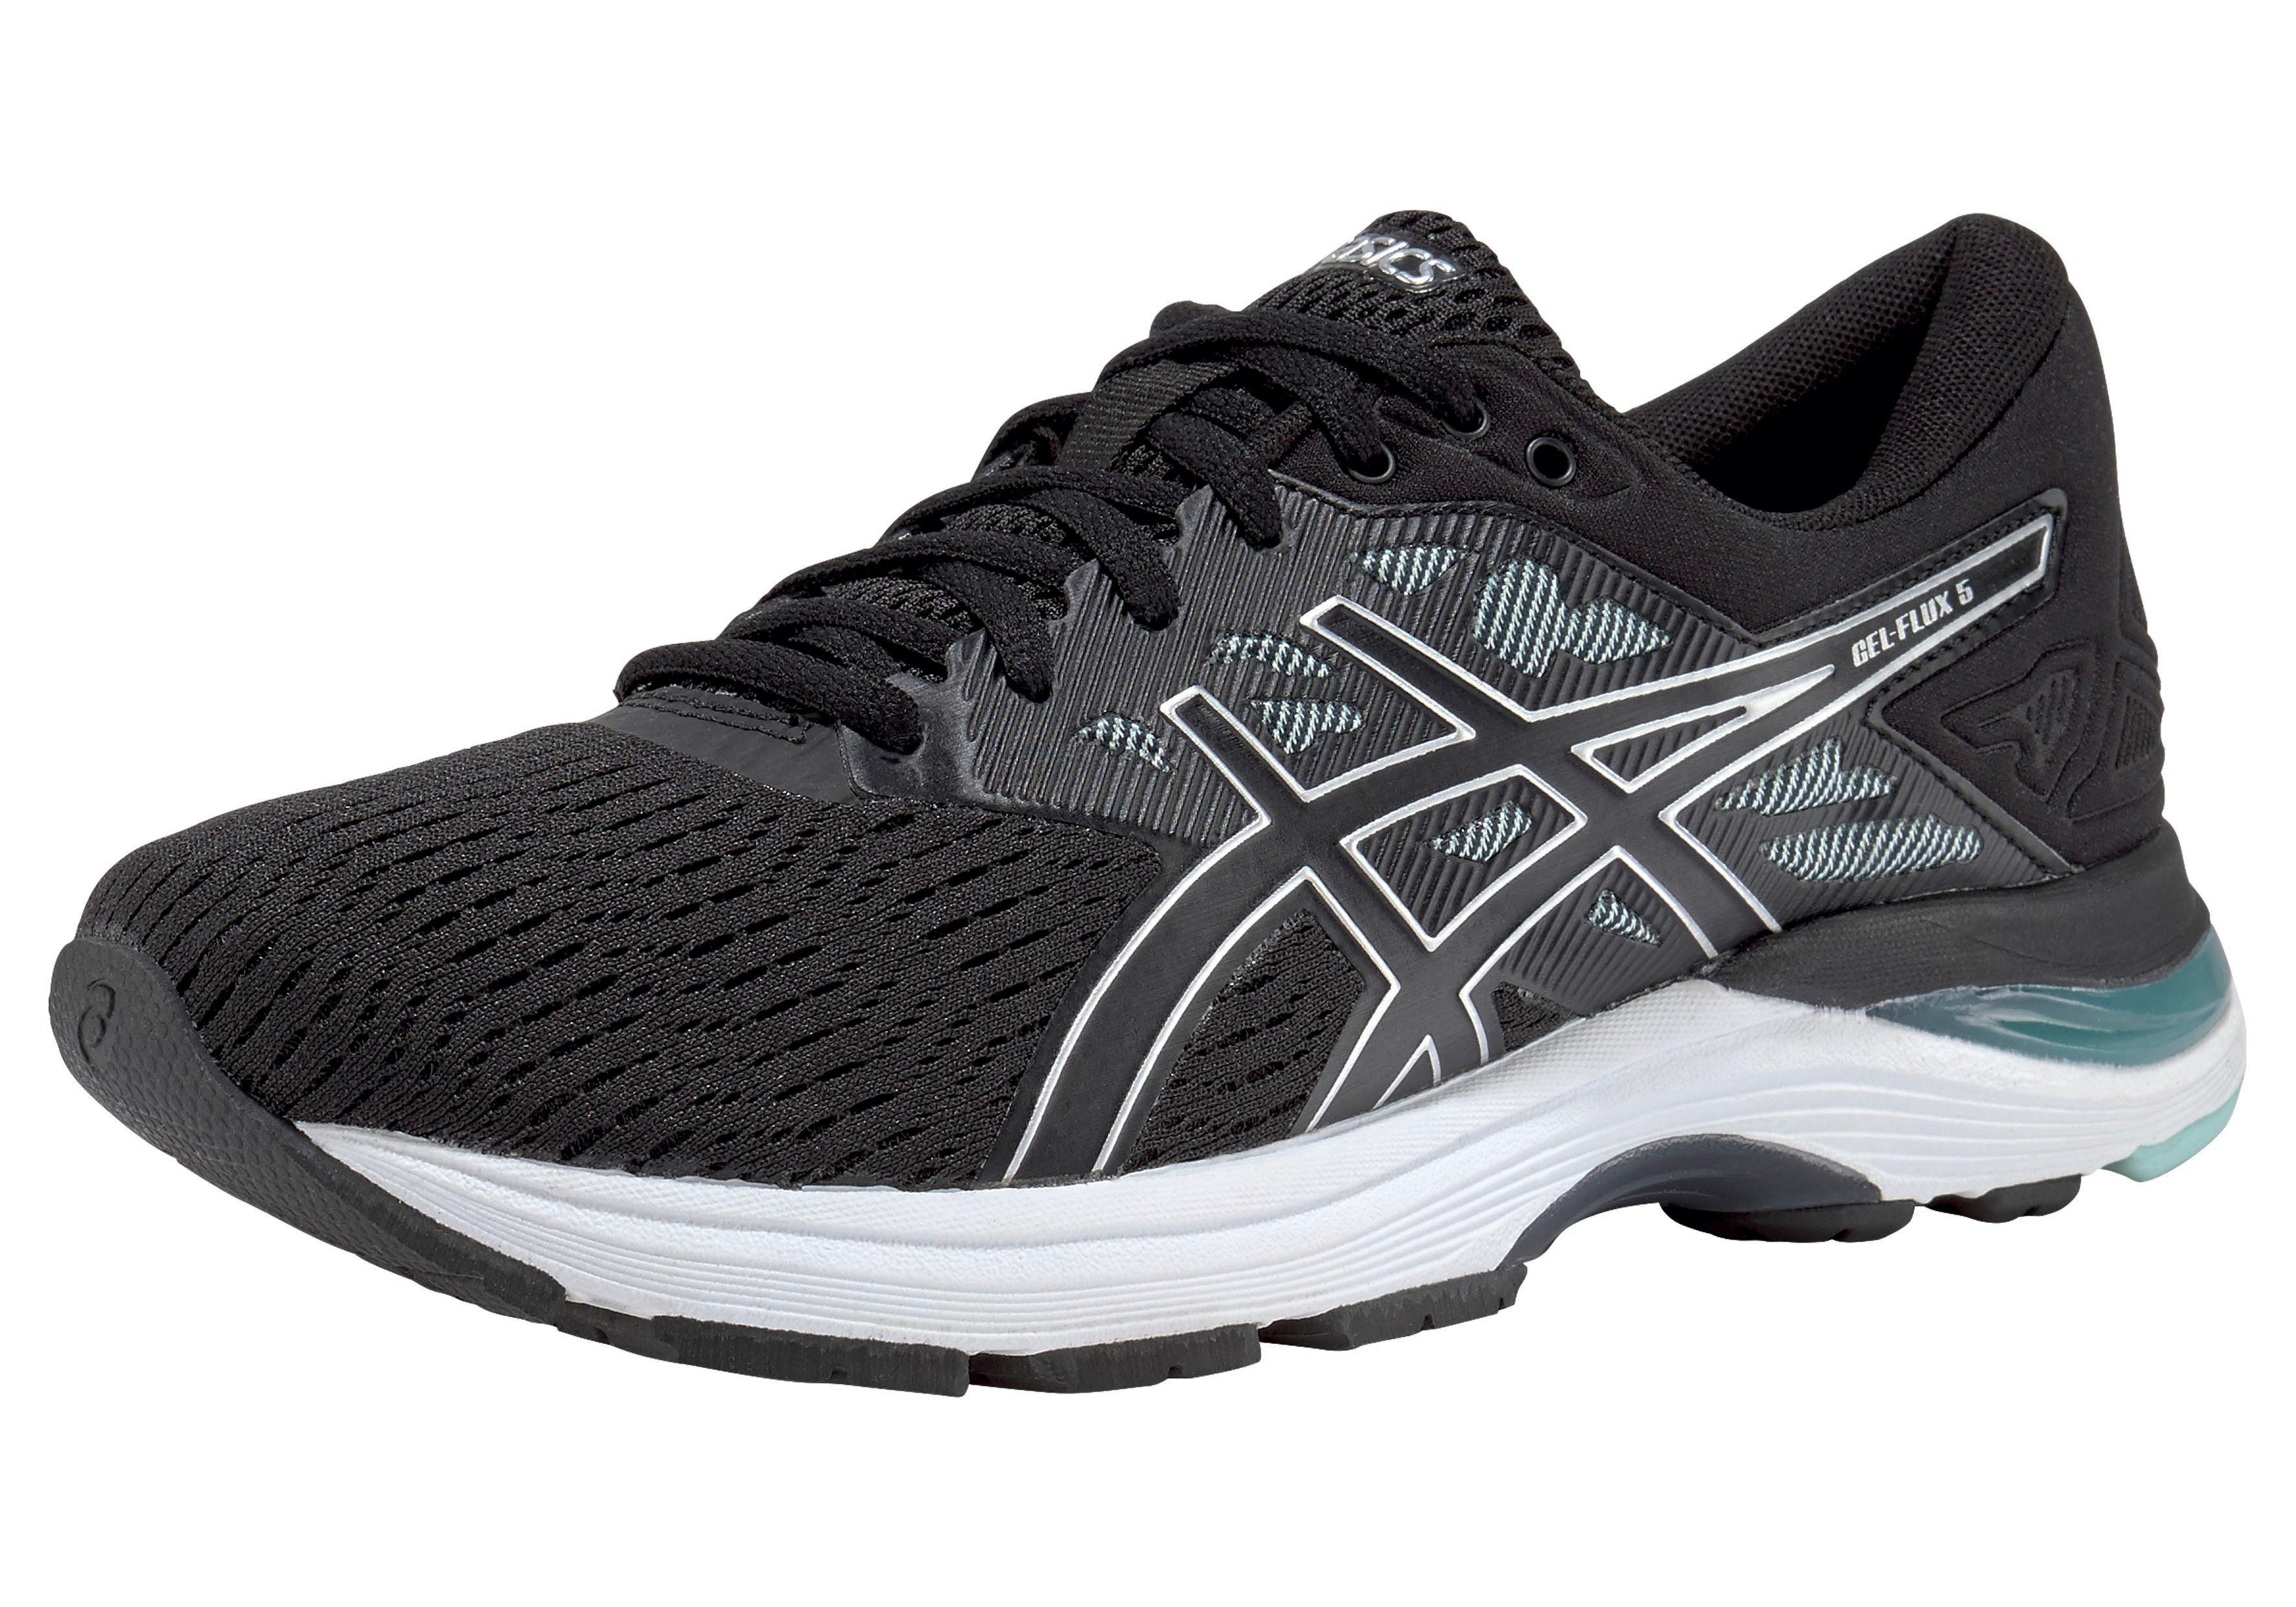 Asics »GEL-FLUX 5« Laufschuh, Leichter Laufschuh von Asics online kaufen |  OTTO